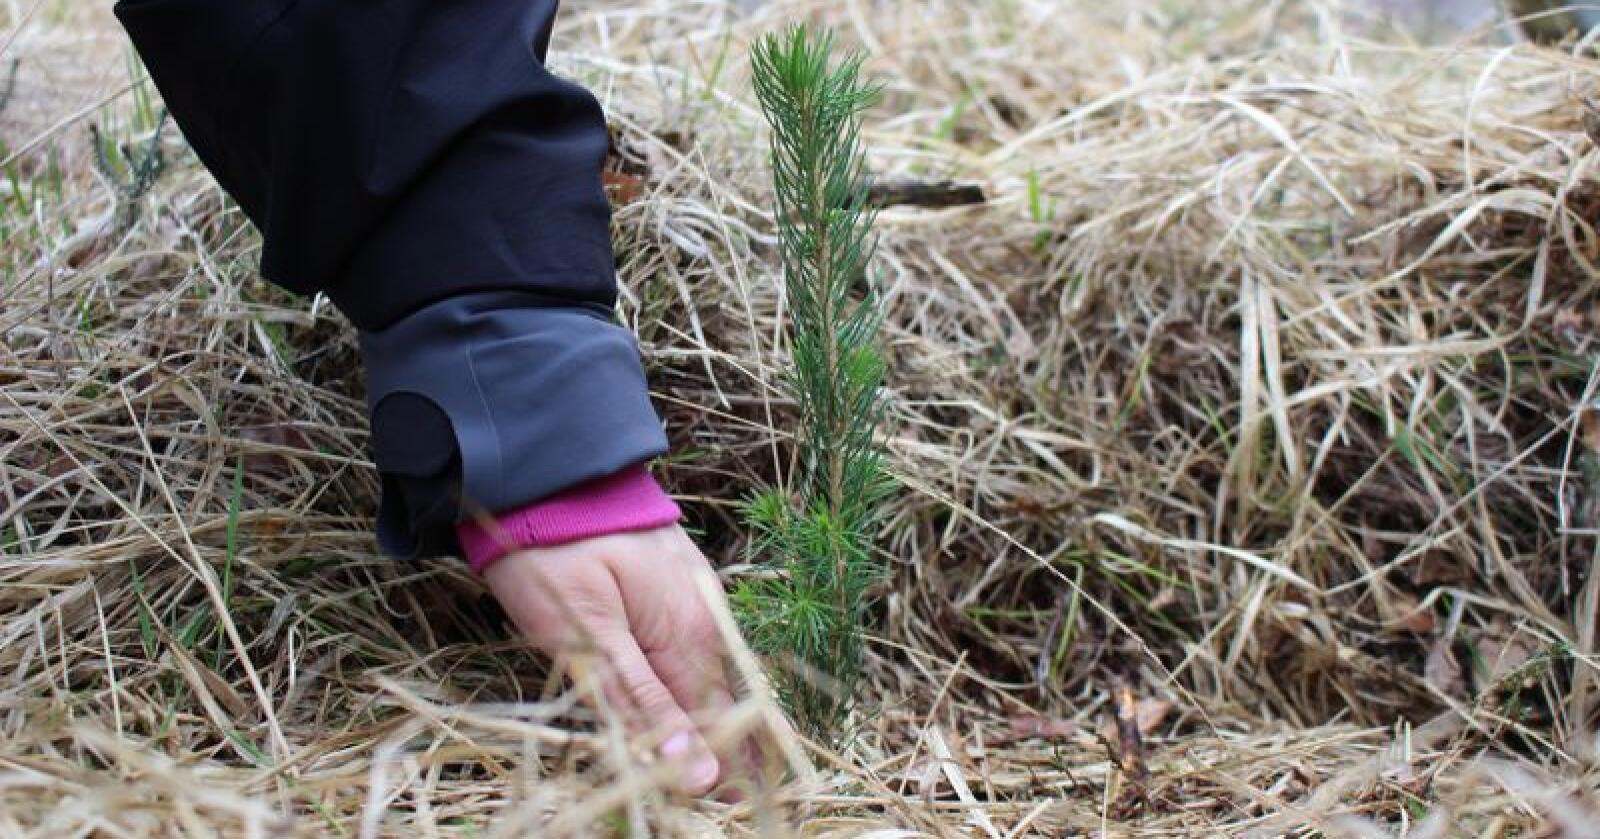 Vi må plante mer skog i Norge, mener landbruks- og matminister Jon Georg Dale. (Foto: Gerd Inger Aarnes)